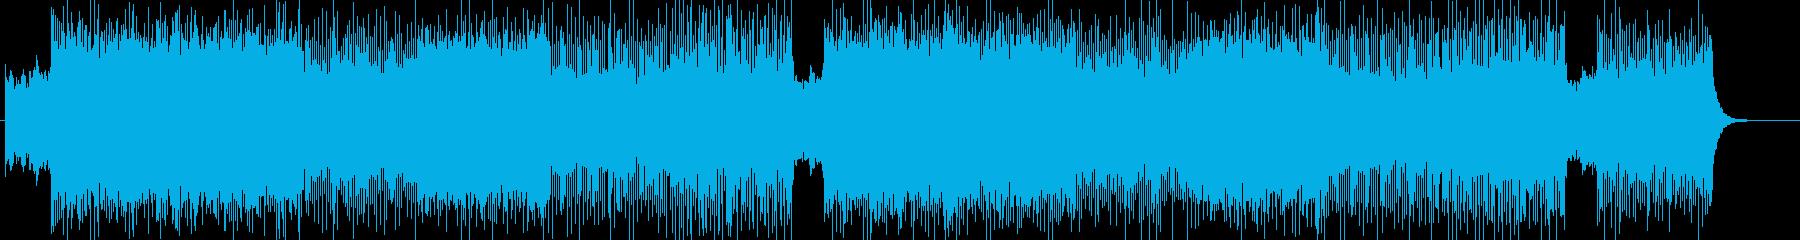 ハードでメタル系より作曲 BGM258の再生済みの波形